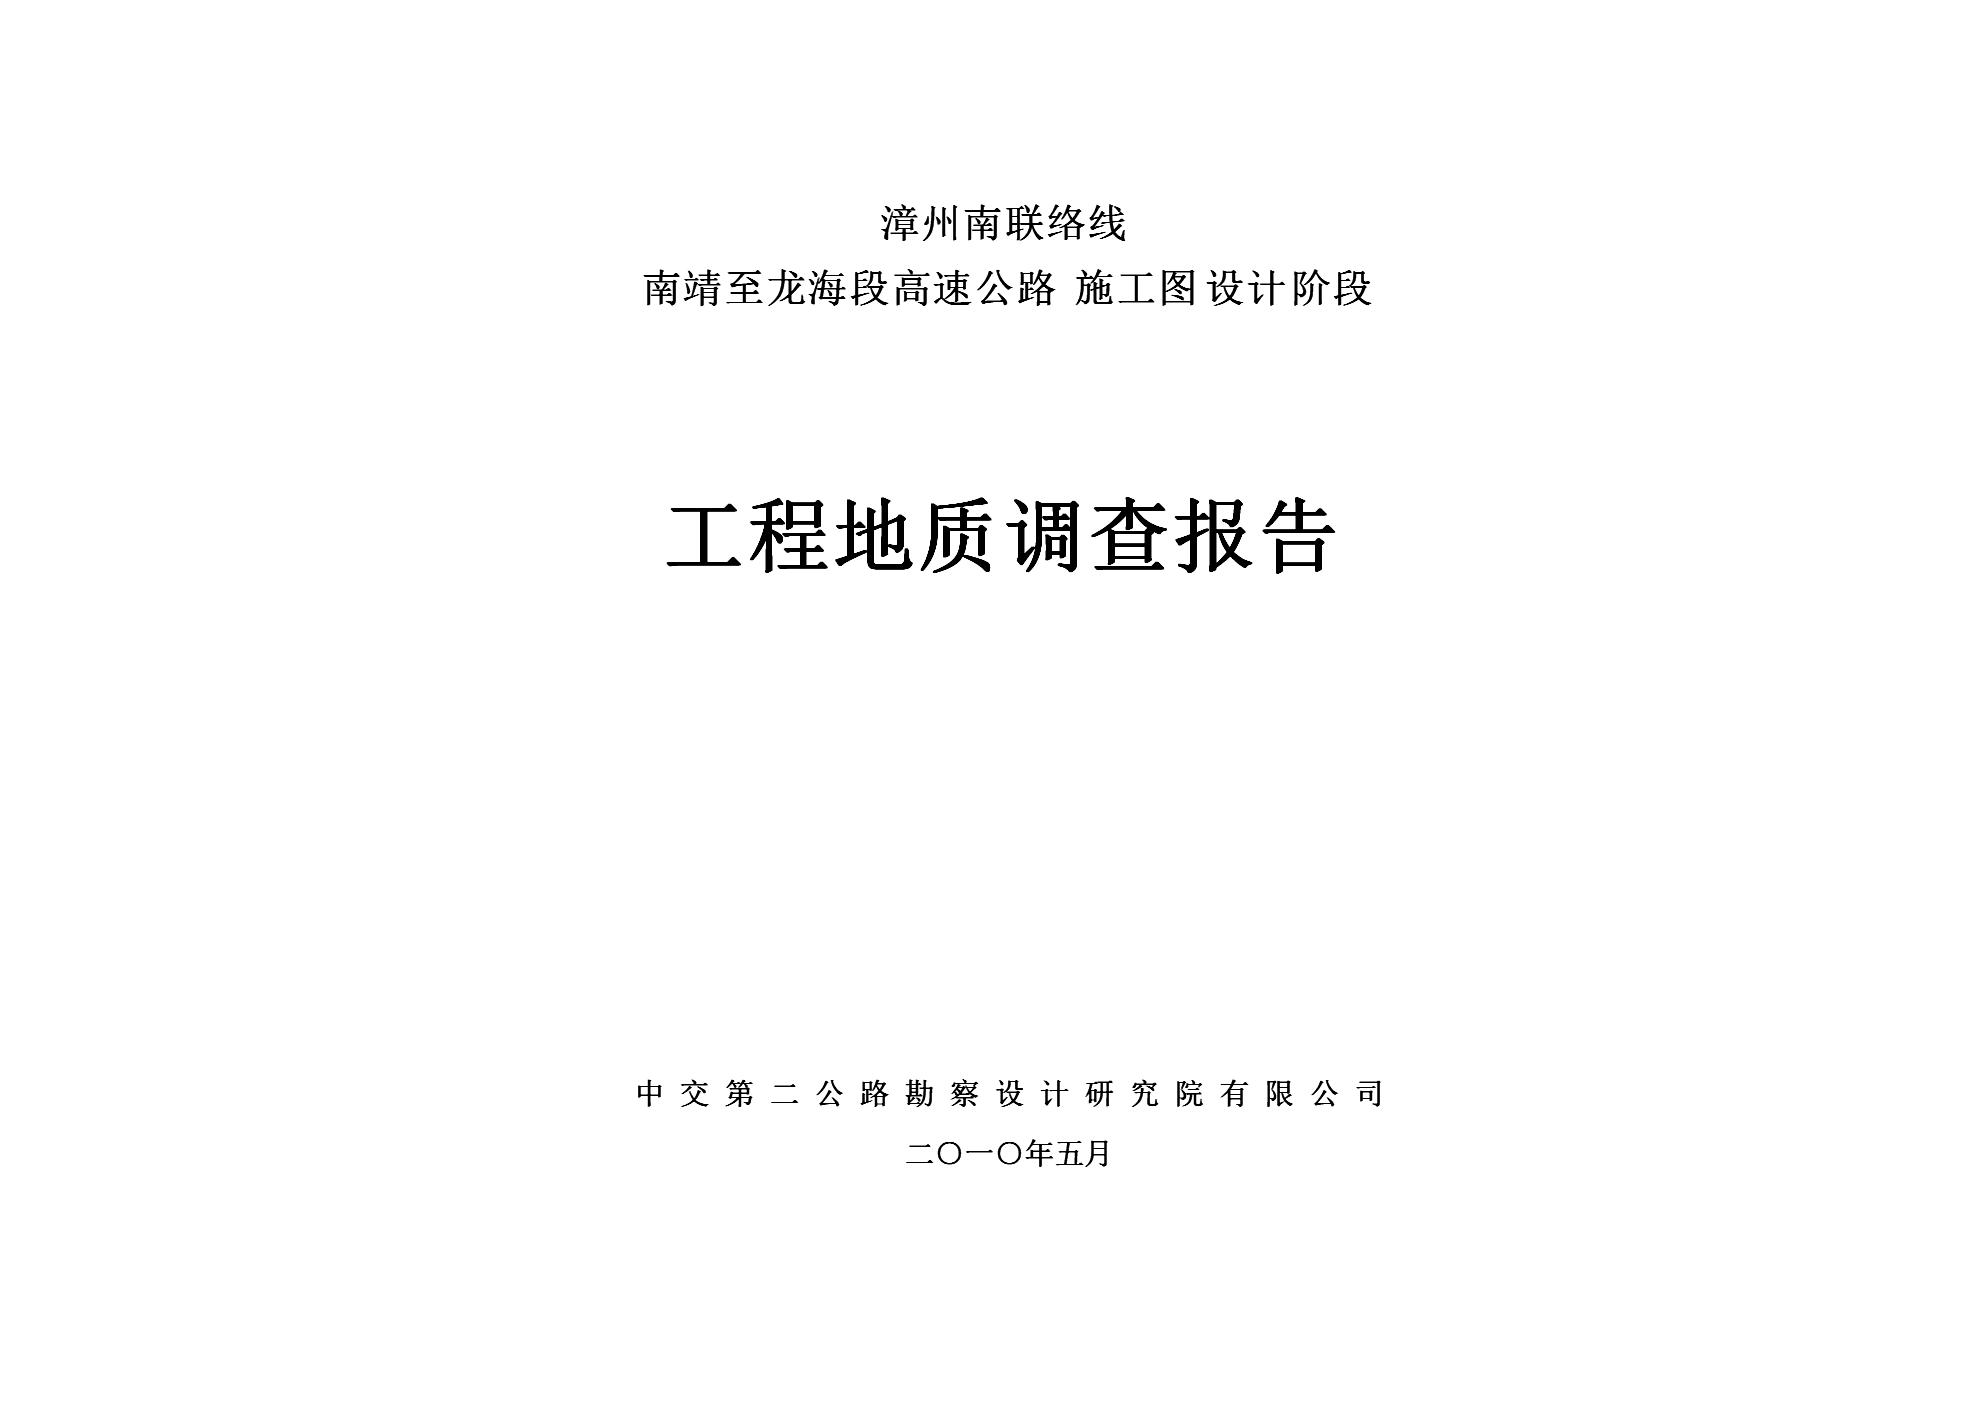 漳州南联络线南靖至龙海高速公路工程地质调查报告(详勘).doc